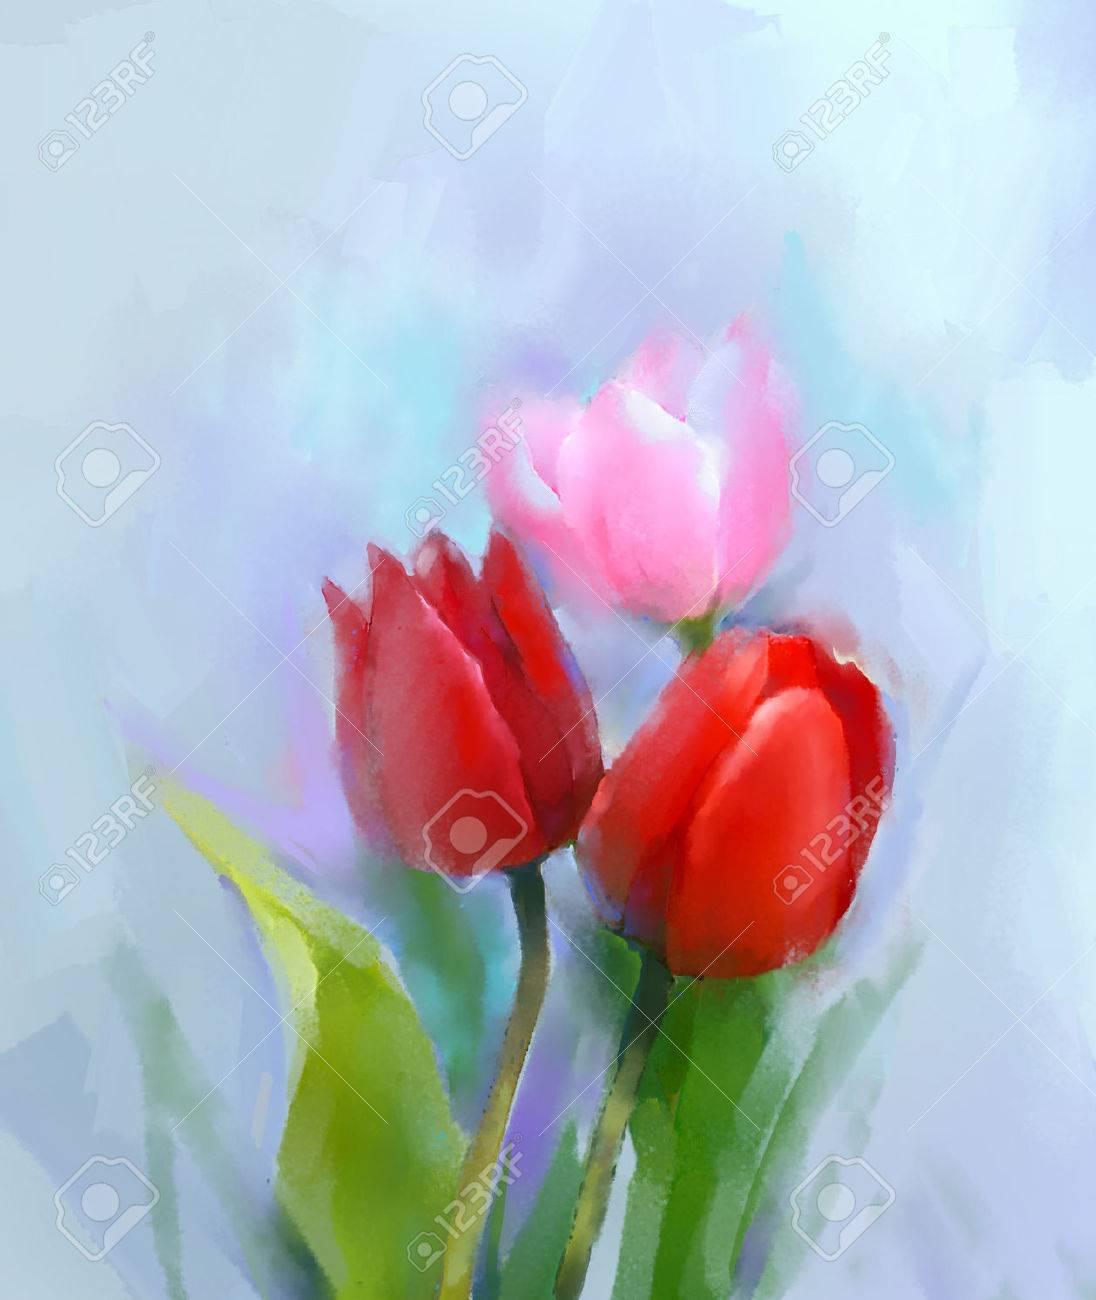 Peinture A L Huile Rose Et Rouge Fleur De Tulipe Avec Des Feuilles